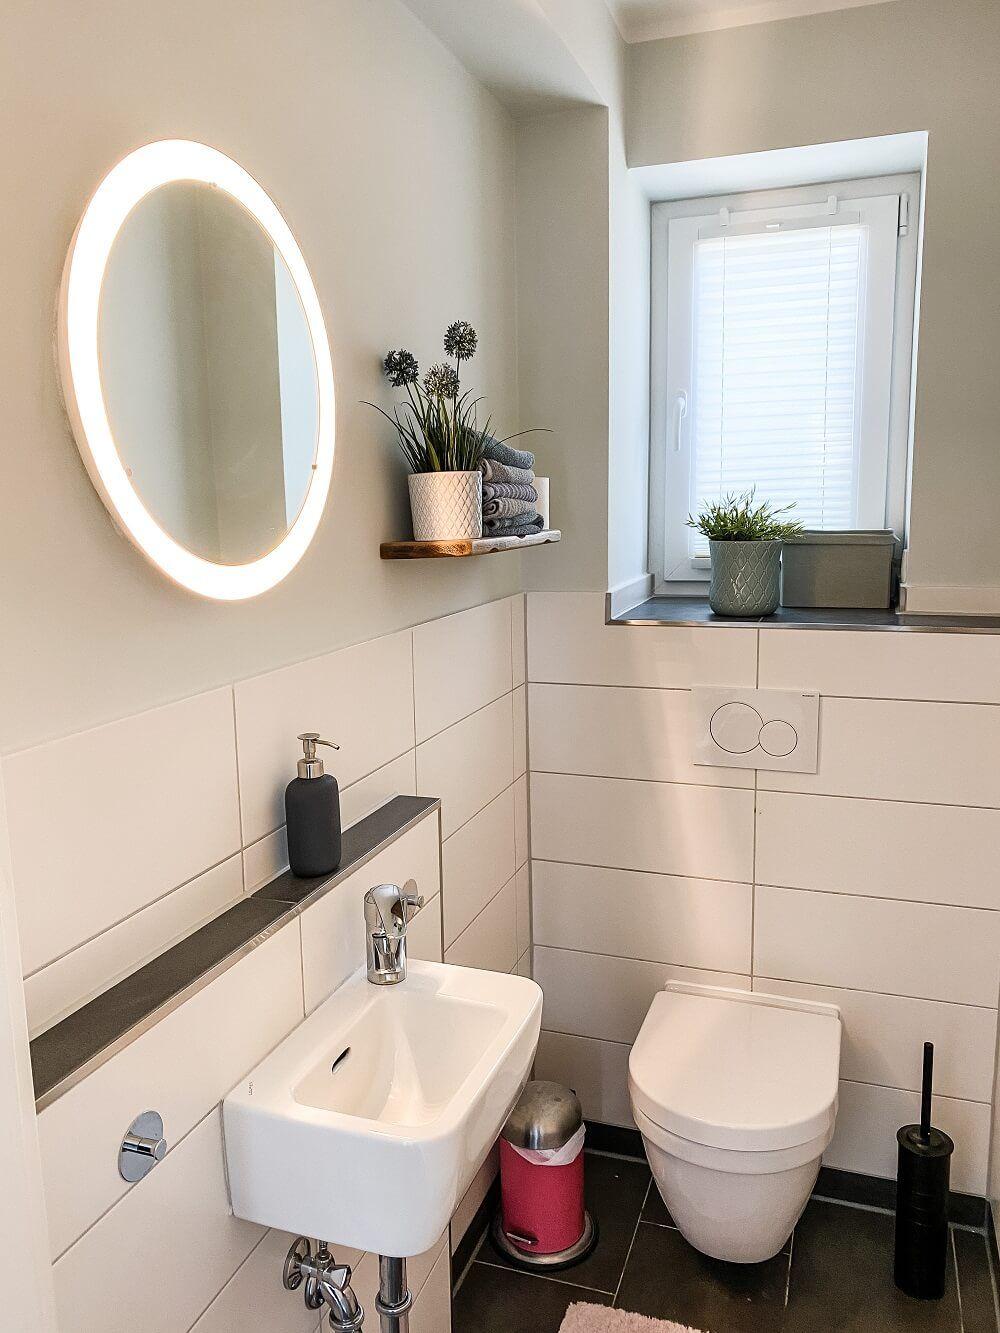 Schweberegale Waschekorbe Deko Fur Ein Wohnlicheres Badezimmer Badezimmerideen Badezimmer Und Baden